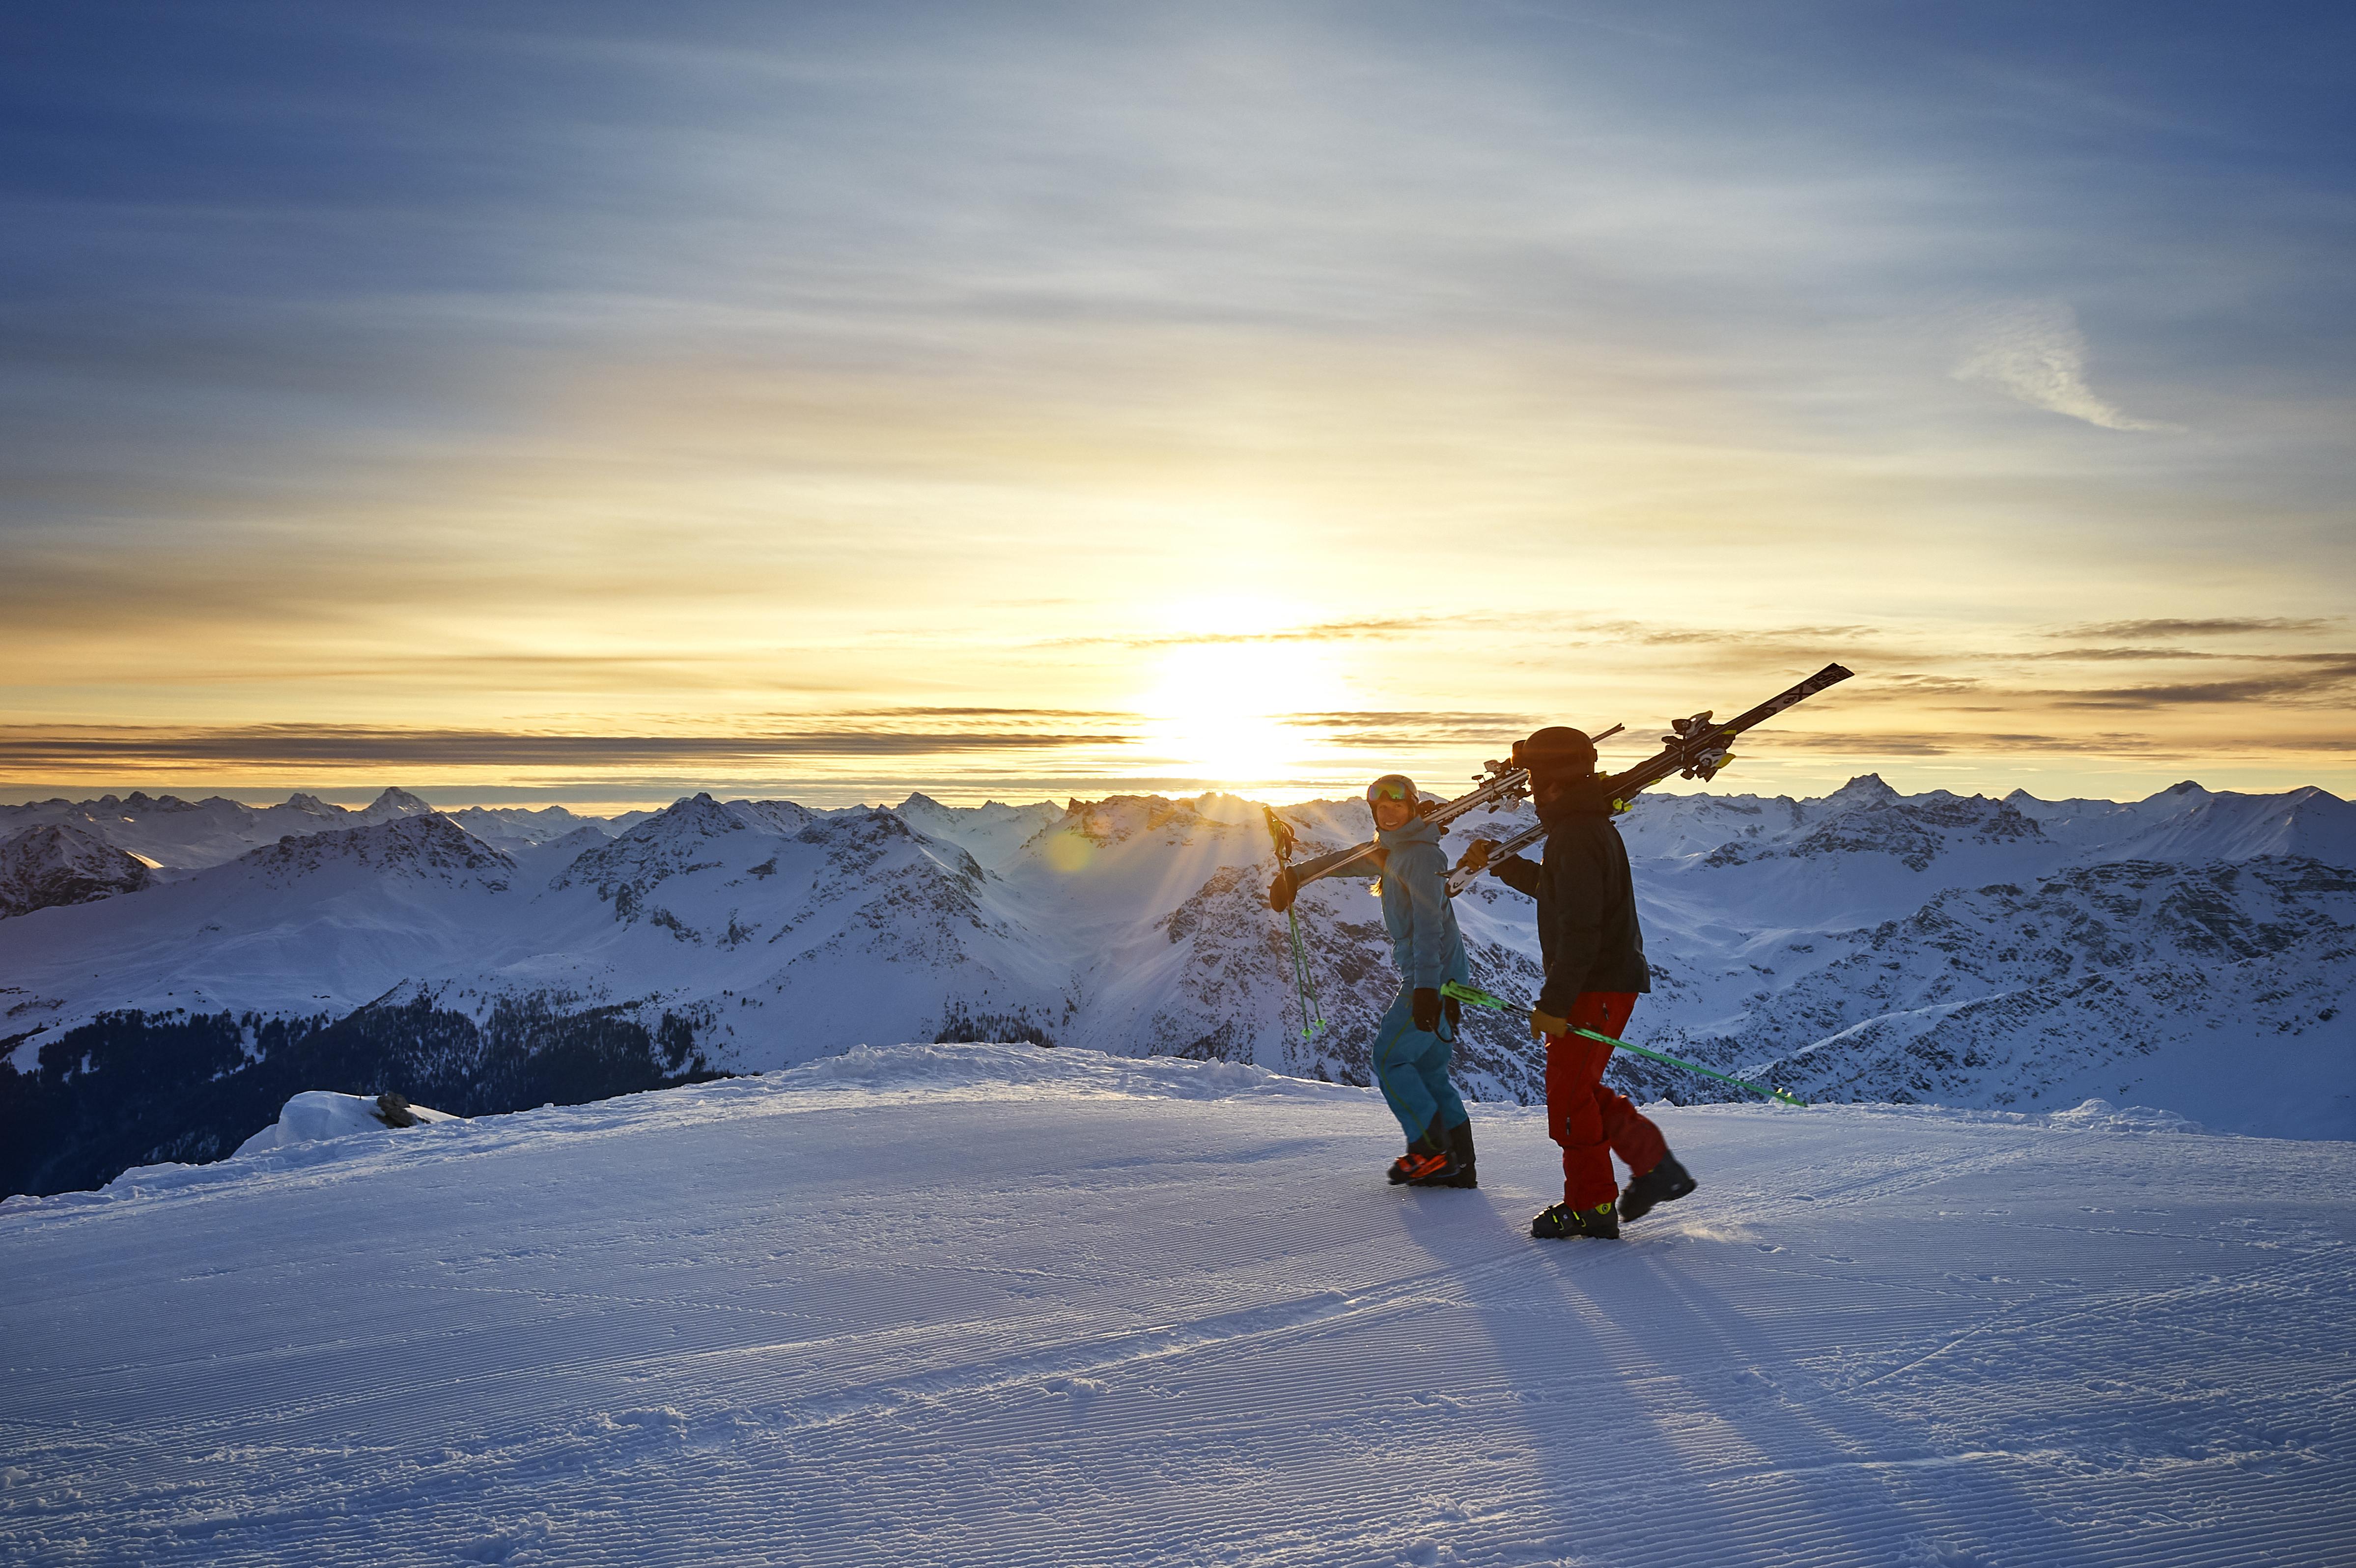 das-schneesportgebiet-arosa-lenzerheide-laesst-jedes-wintersportlerherz-hoeher-schlagen-6038500